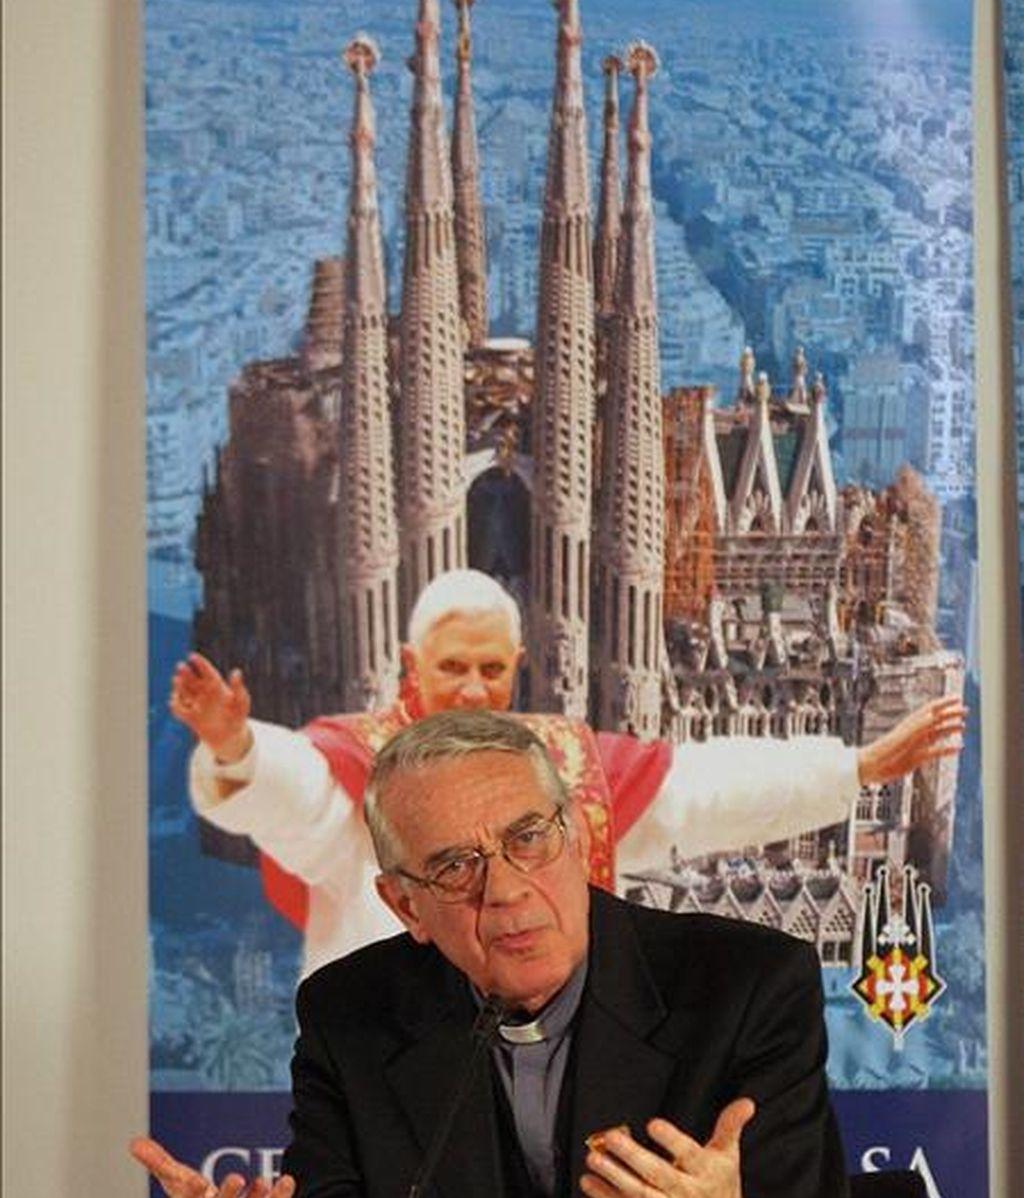 El portavoz vaticano, Federico Lombardi. EFE/Archivo